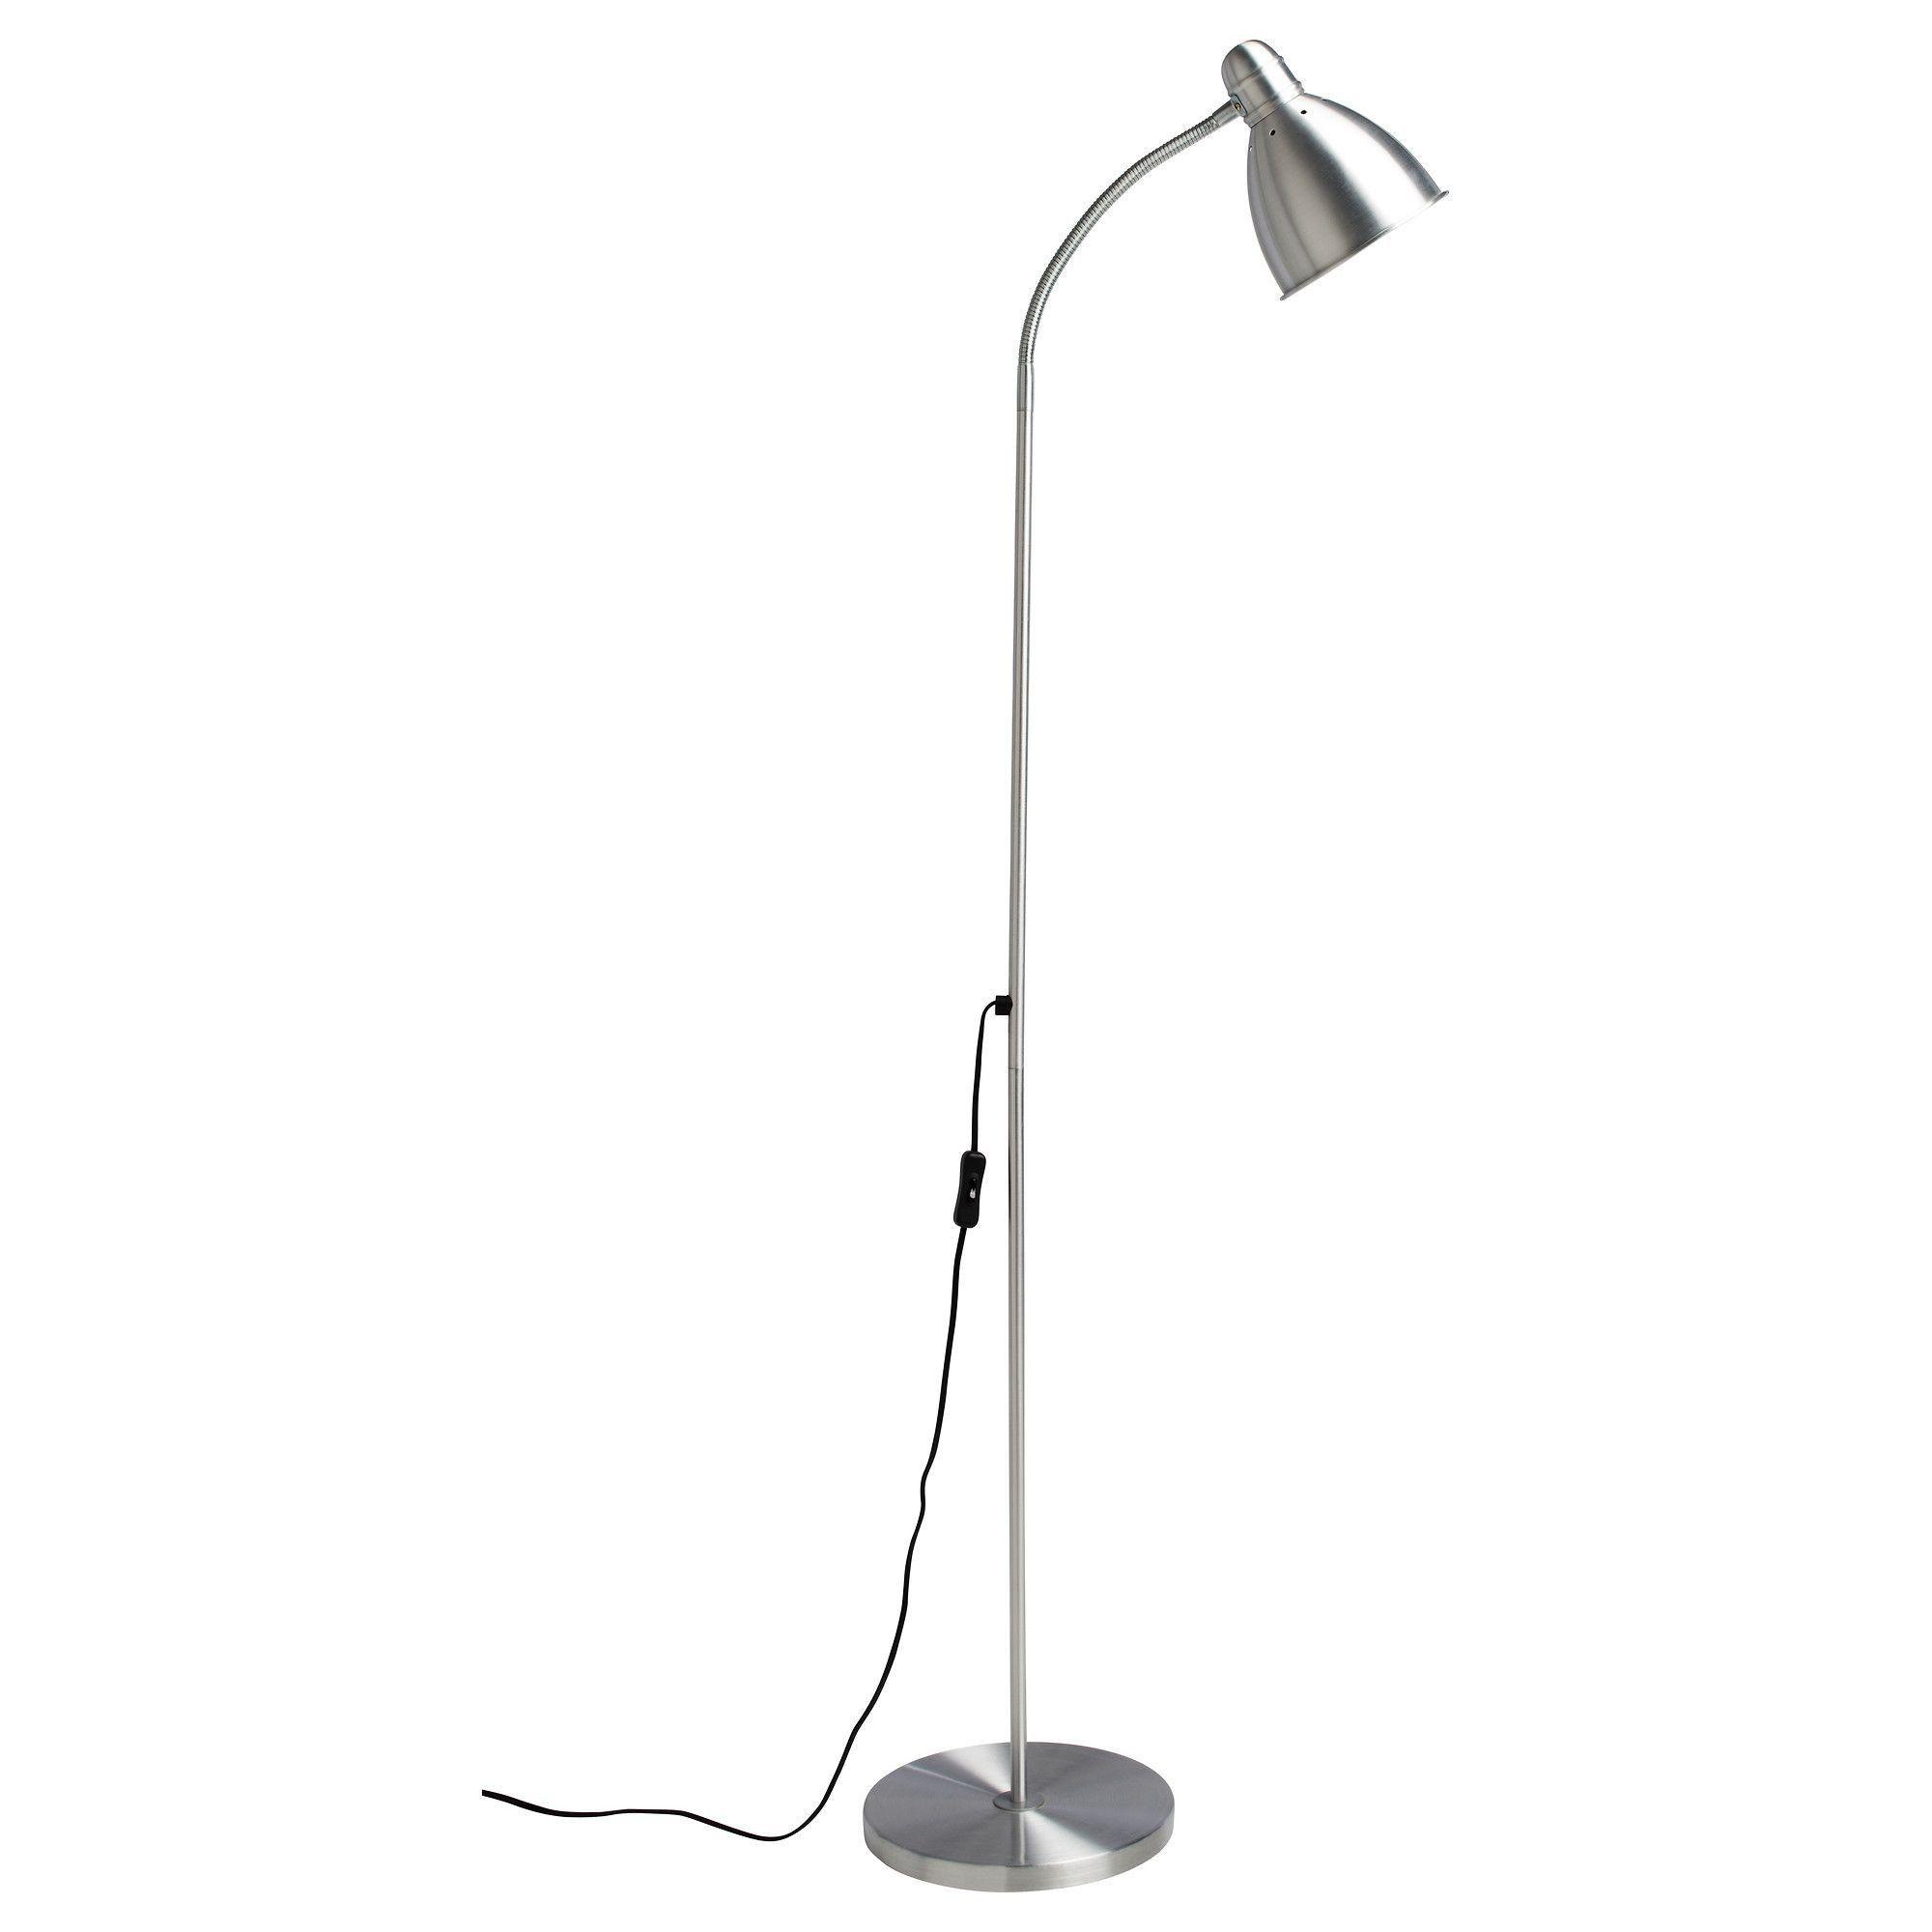 Full Size of Arc Stehlampe Ikea Mit Bildern Küche Kosten Kaufen Miniküche Betten Bei Schlafzimmer Wohnzimmer 160x200 Stehlampen Modulküche Sofa Schlaffunktion Wohnzimmer Ikea Stehlampe